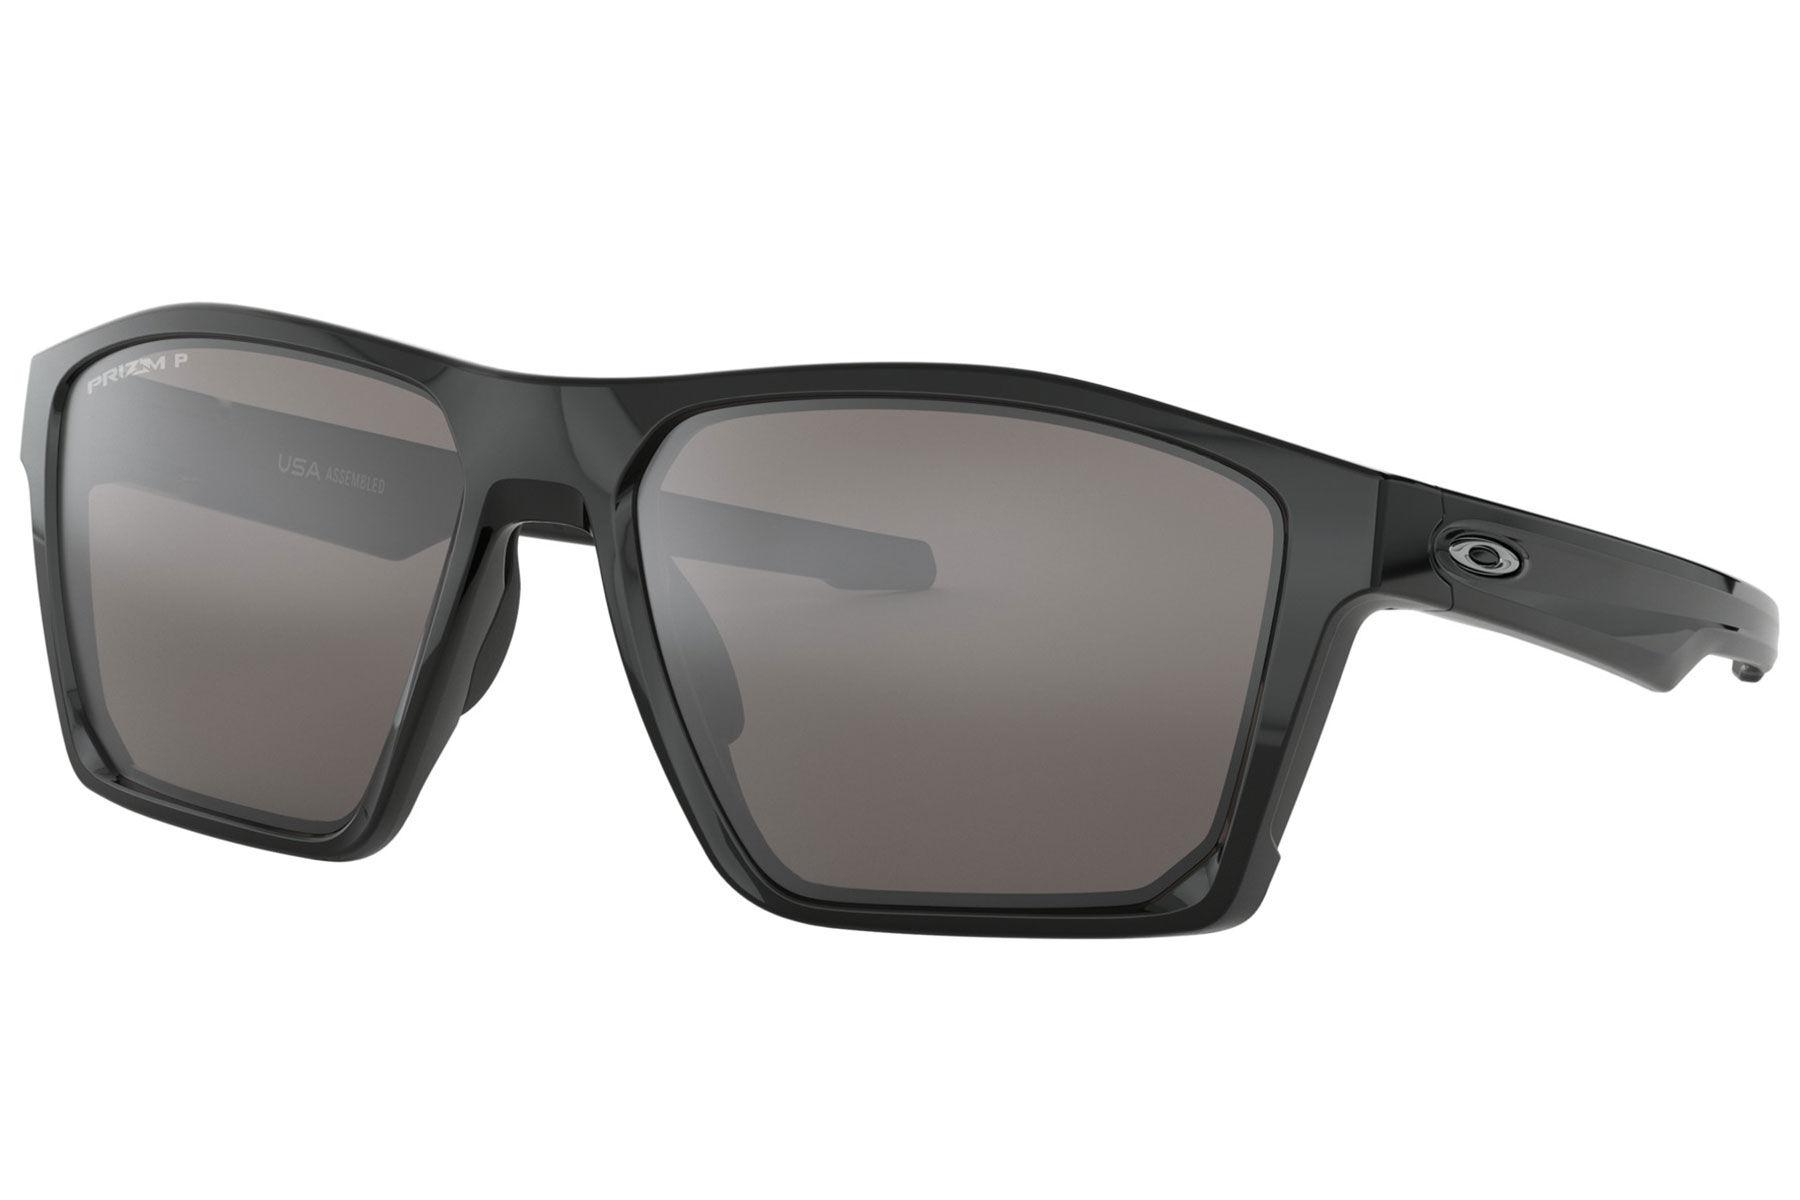 occhiali oakley golf